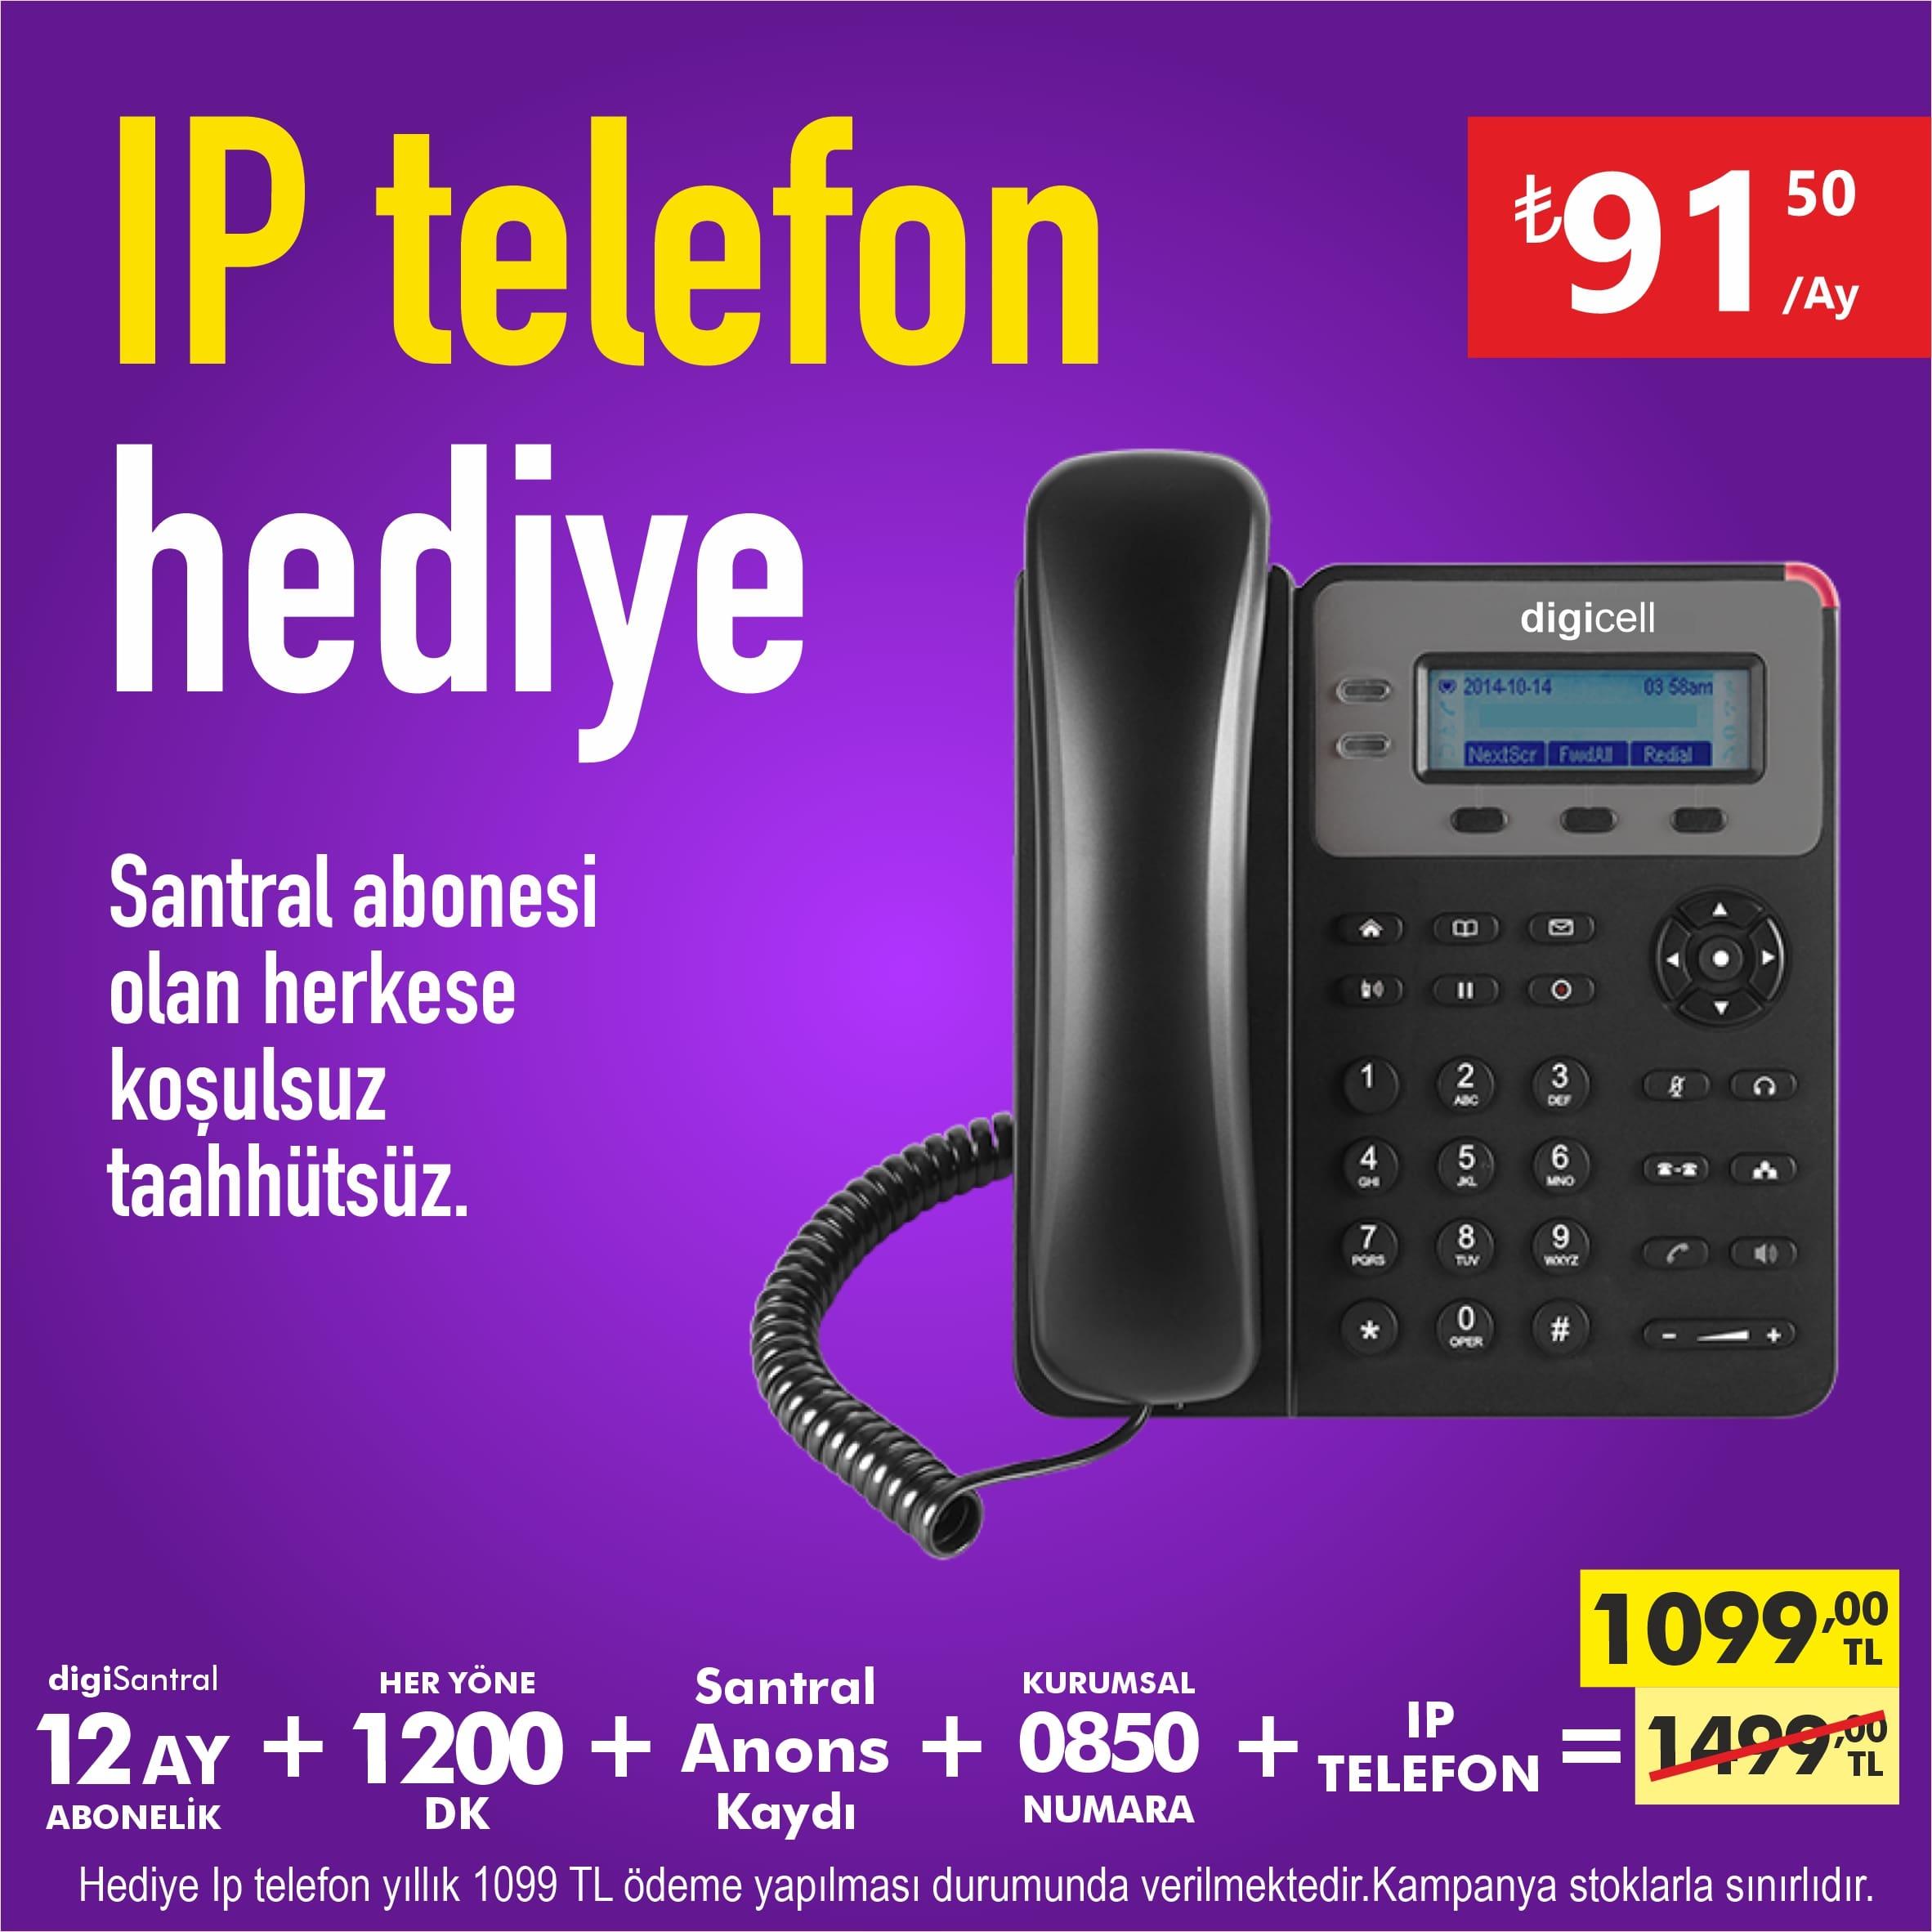 IP Telefon hediye sanal santral kampanyası